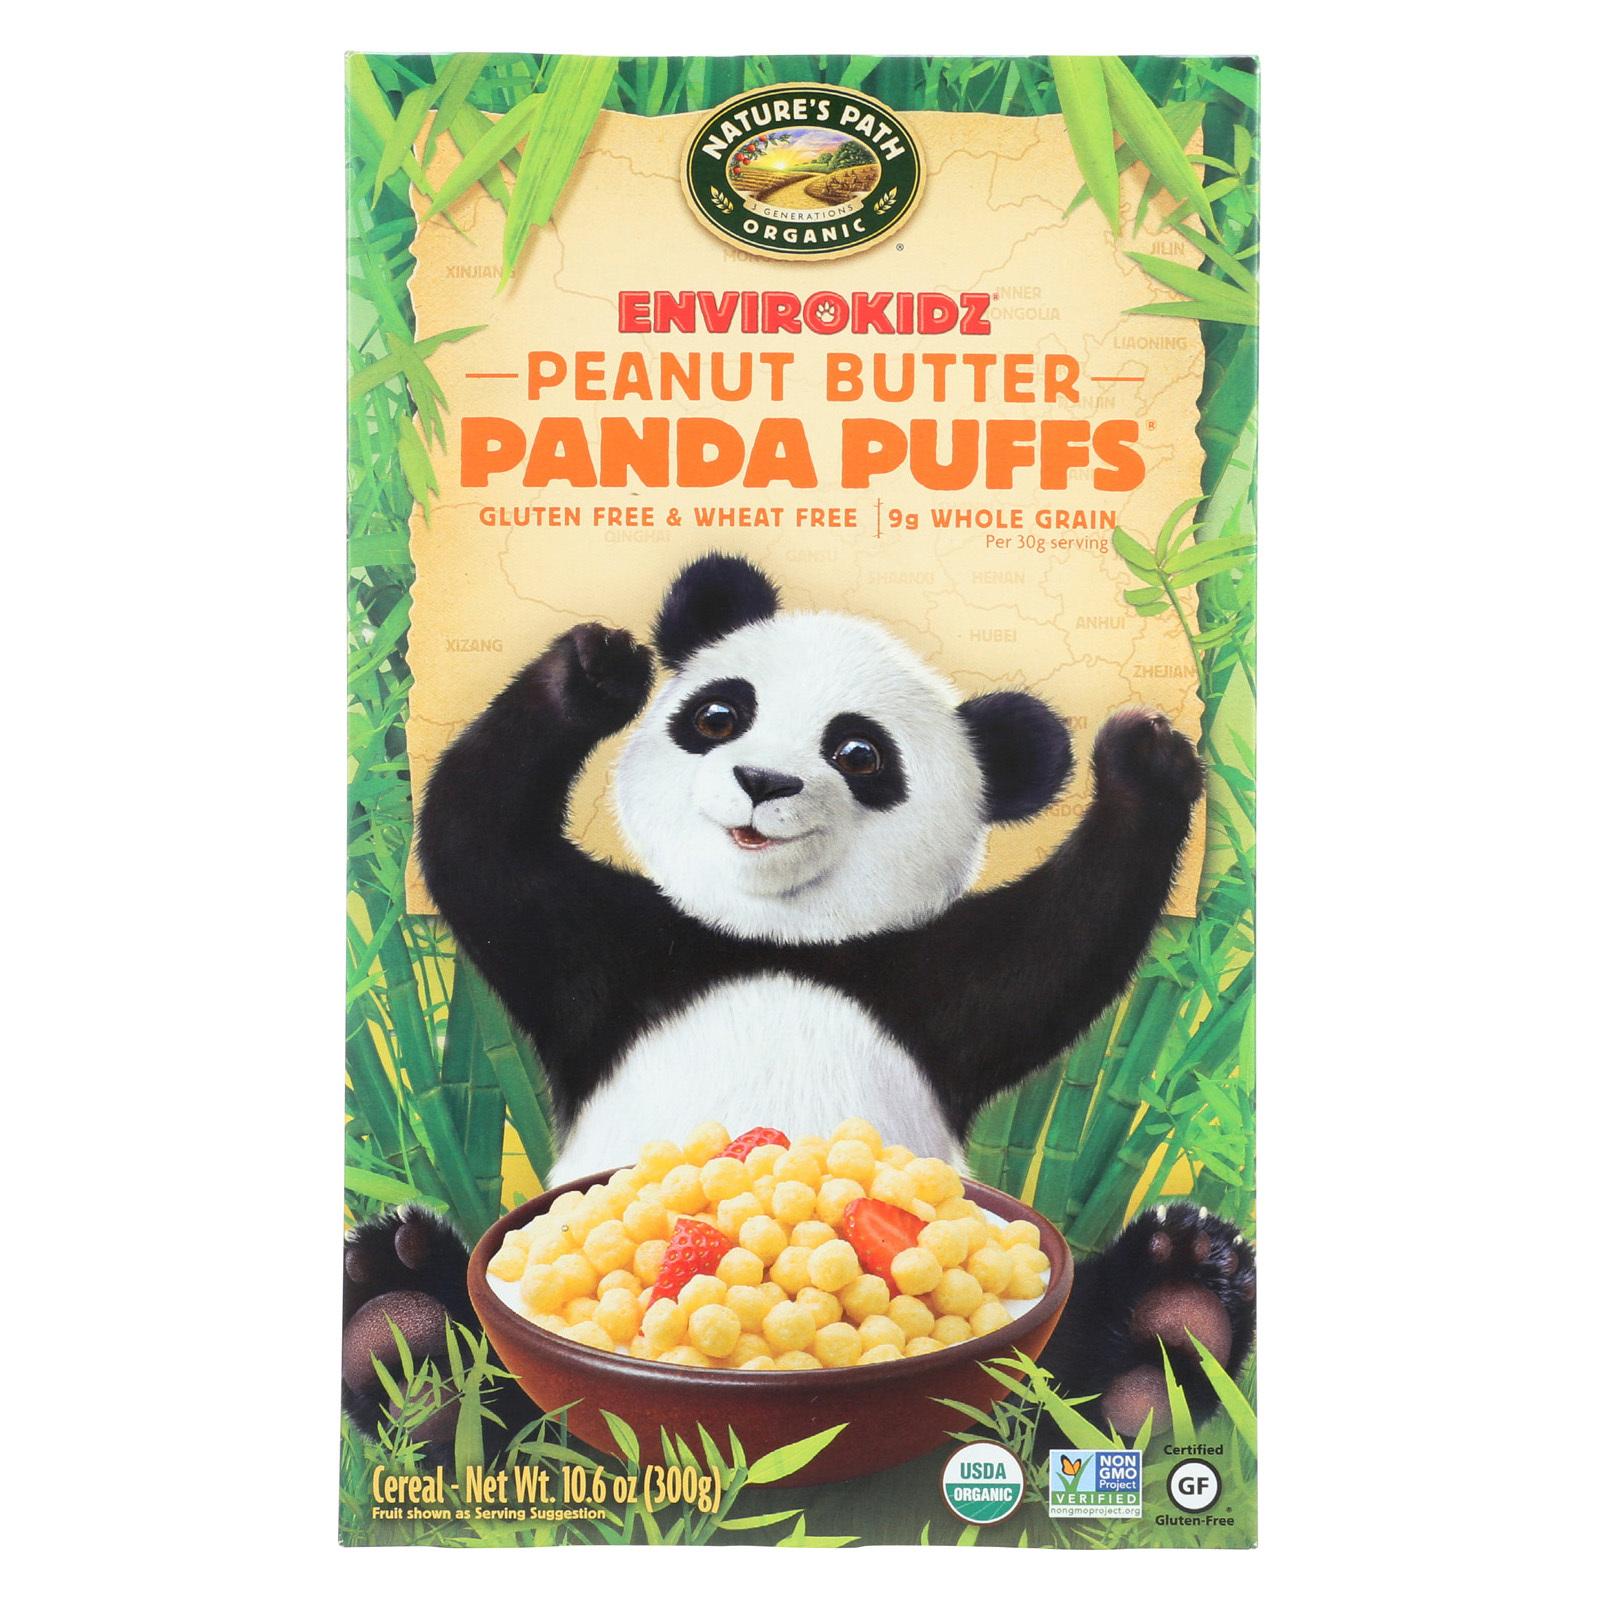 Envirokidz Organic Panda Puffs - Peanut Butter - 10.6 oz